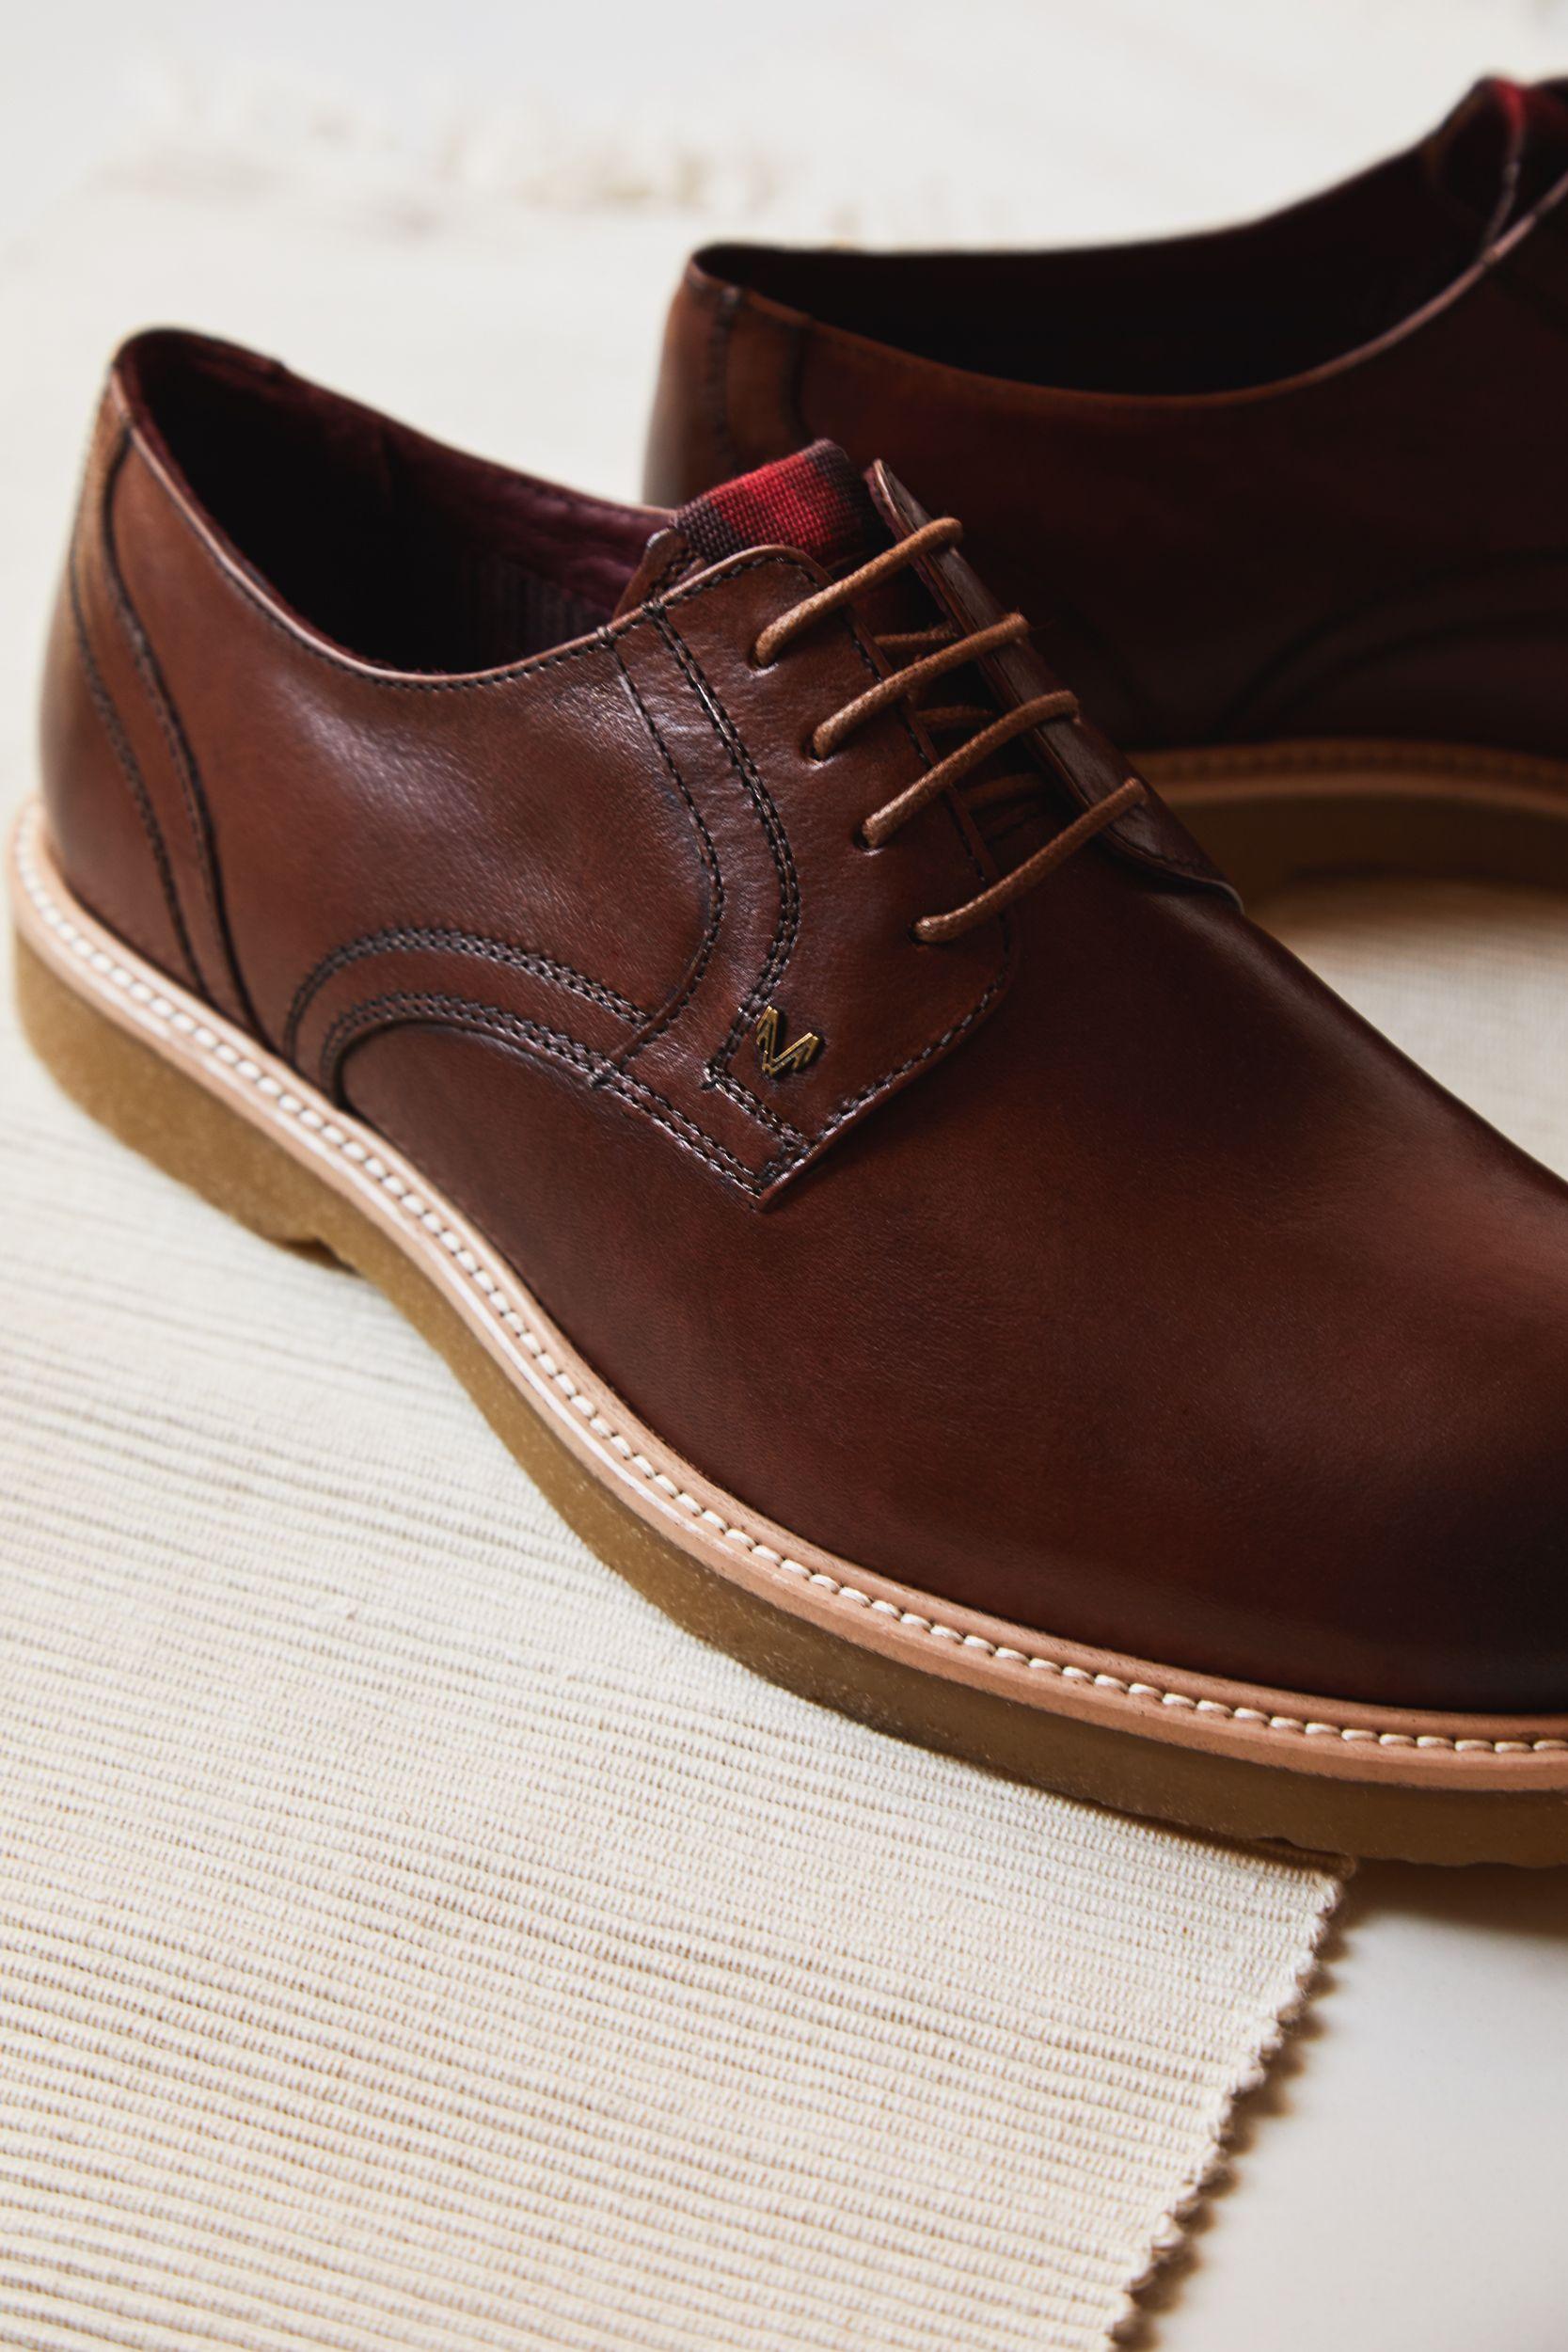 76d626b6b1b Zapatos Caballero, Calzado Masculino, Comprar Zapatos, Caballeros, Moda  Hombre, Calzas,